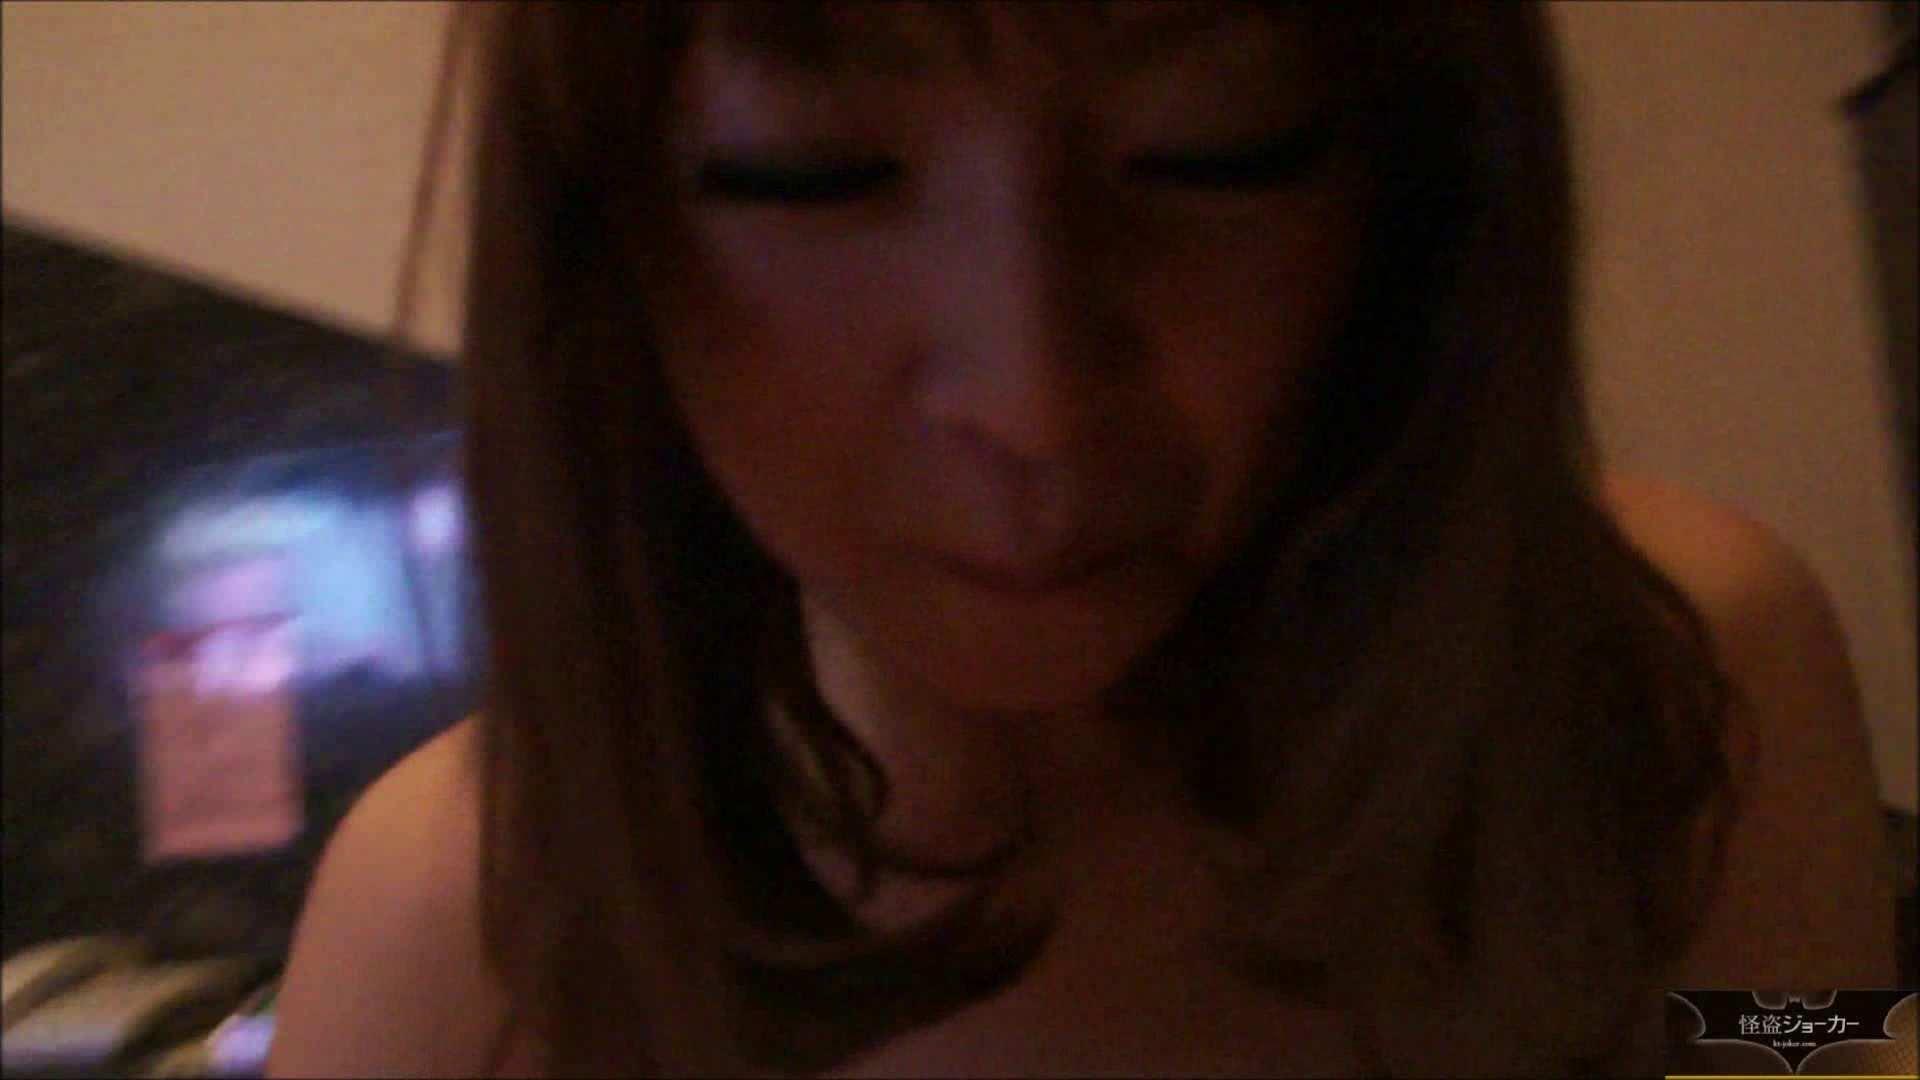 【未公開】vol.33 【援助】朋葉ちゃん、潮吹き、乱れ・・・ 喘ぎオンナ   ホテルでエッチ  90pic 5